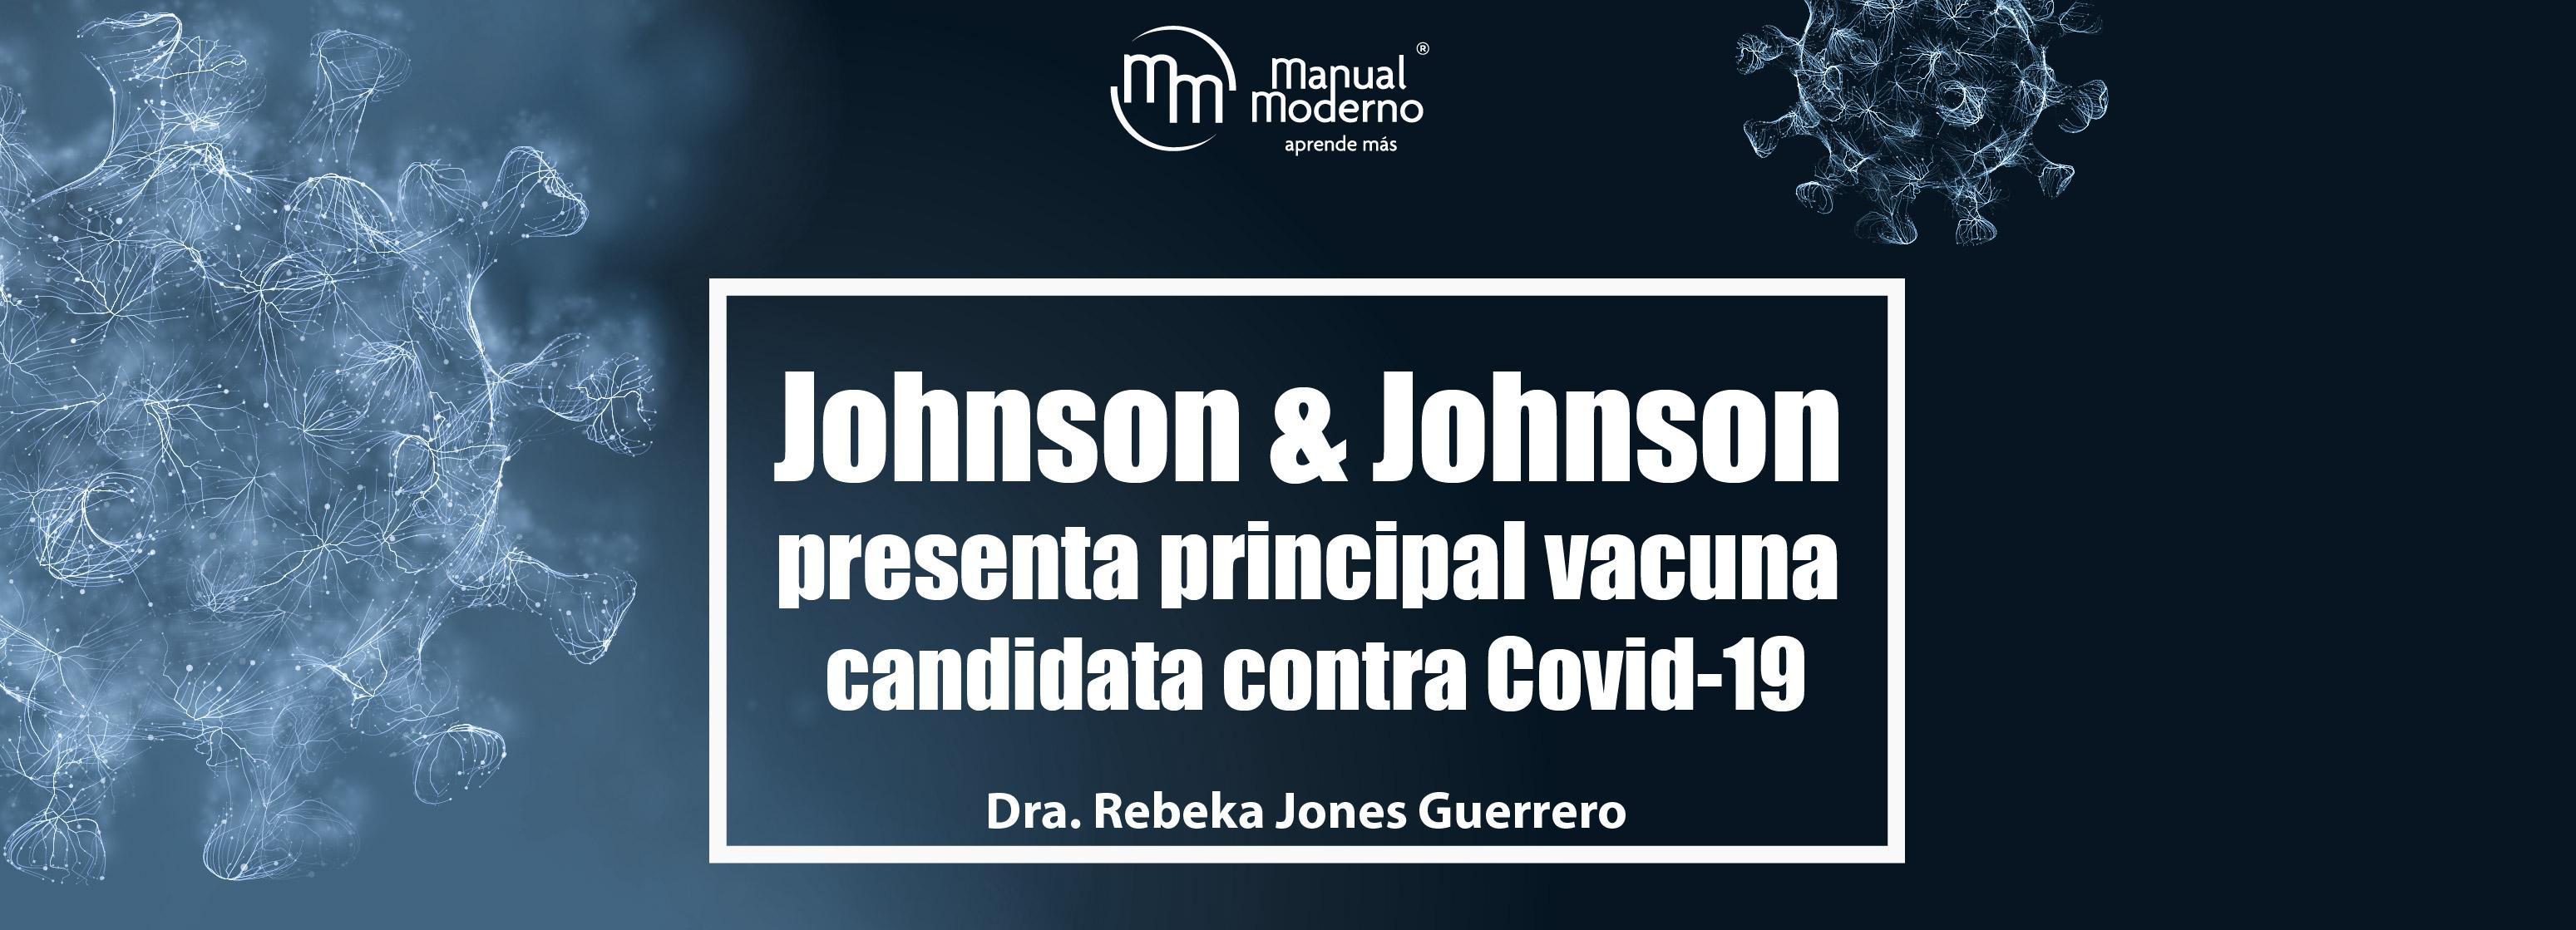 Johnson & Johnson presenta principal vacuna candidata contra Covid-19